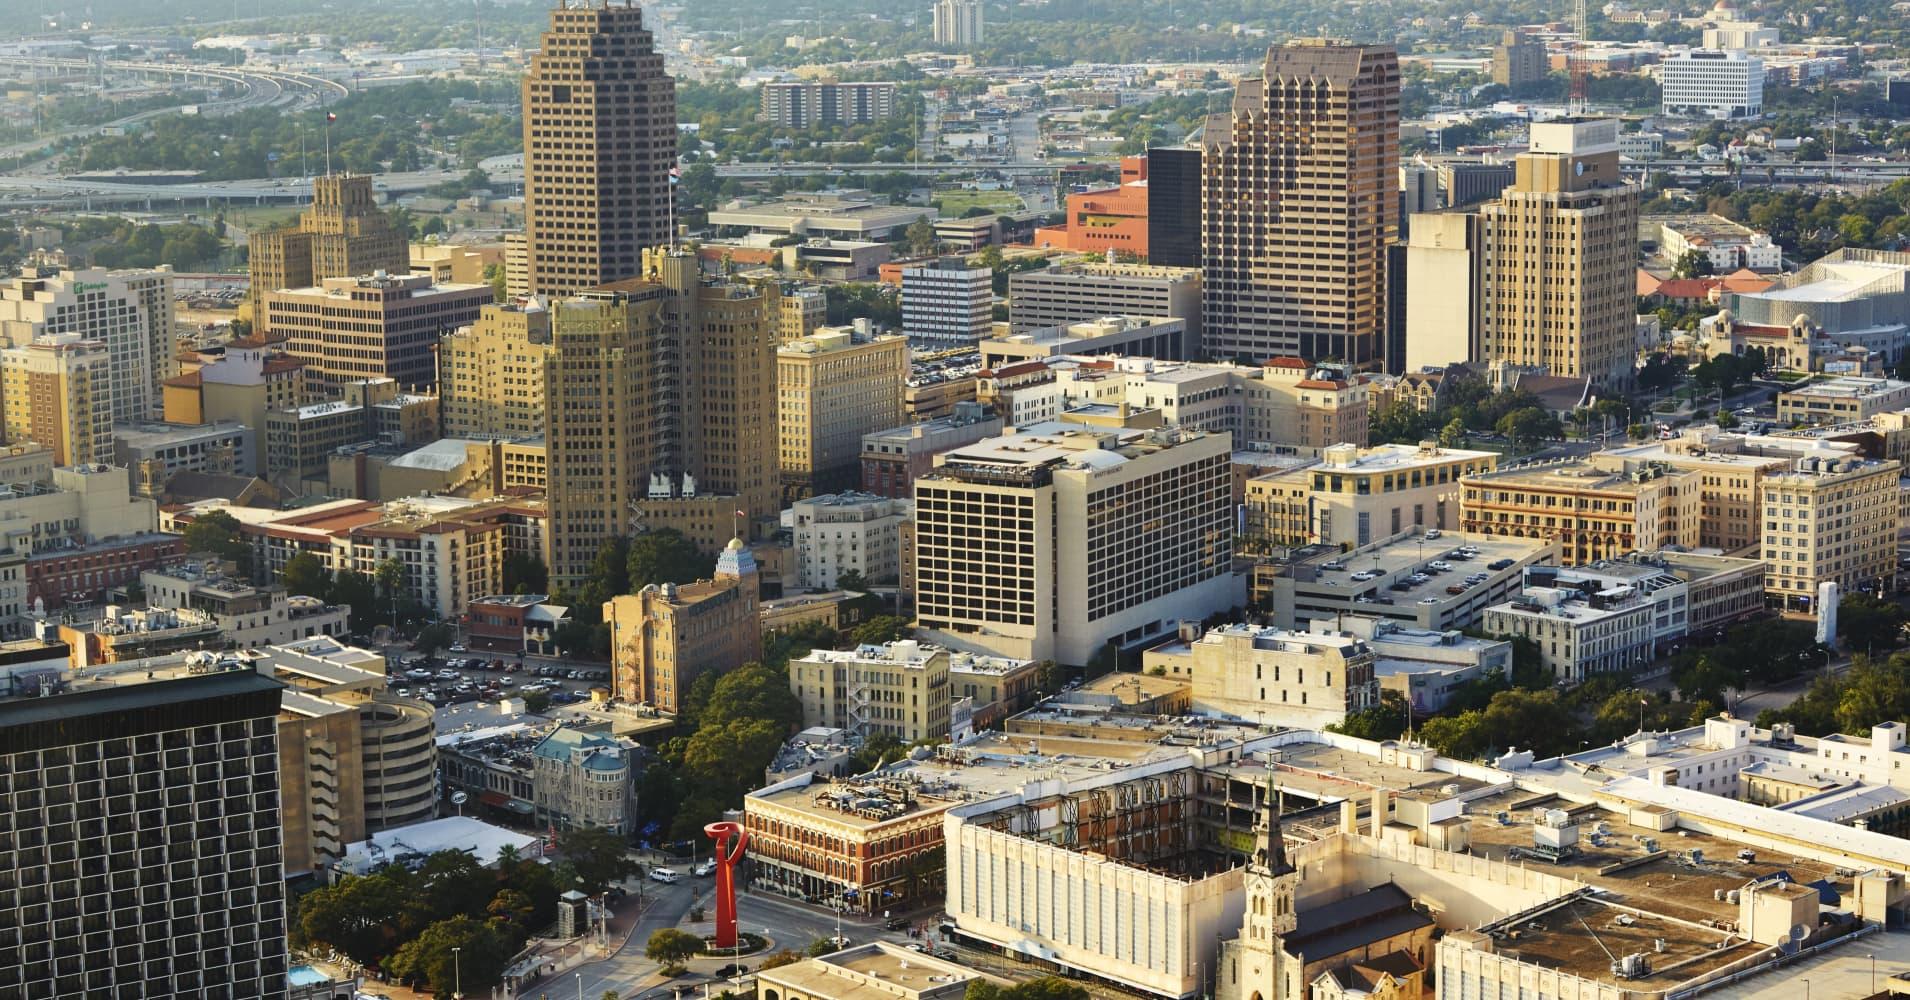 City skyline of San Antonio, Texas.